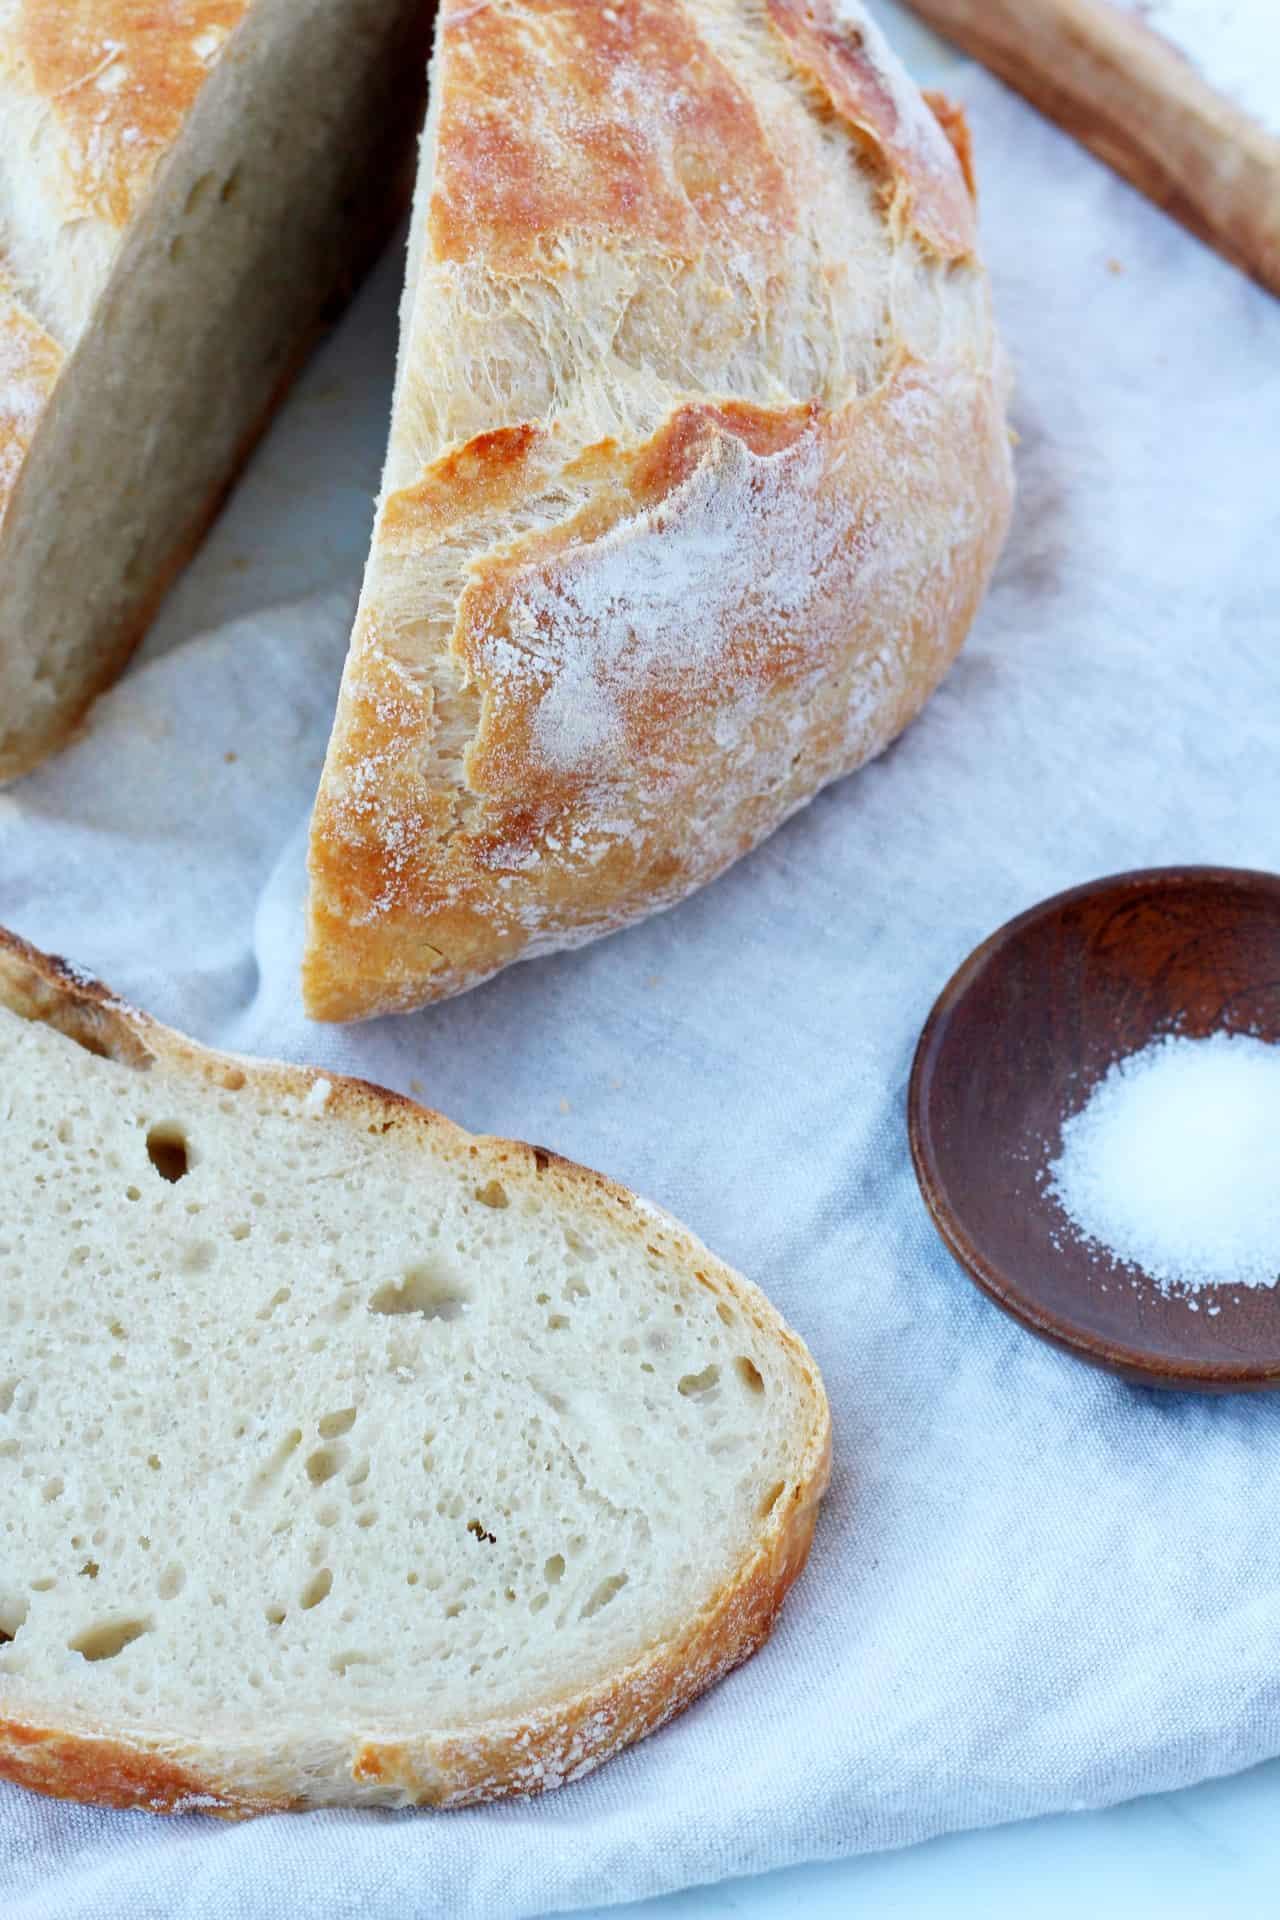 slice of loaf